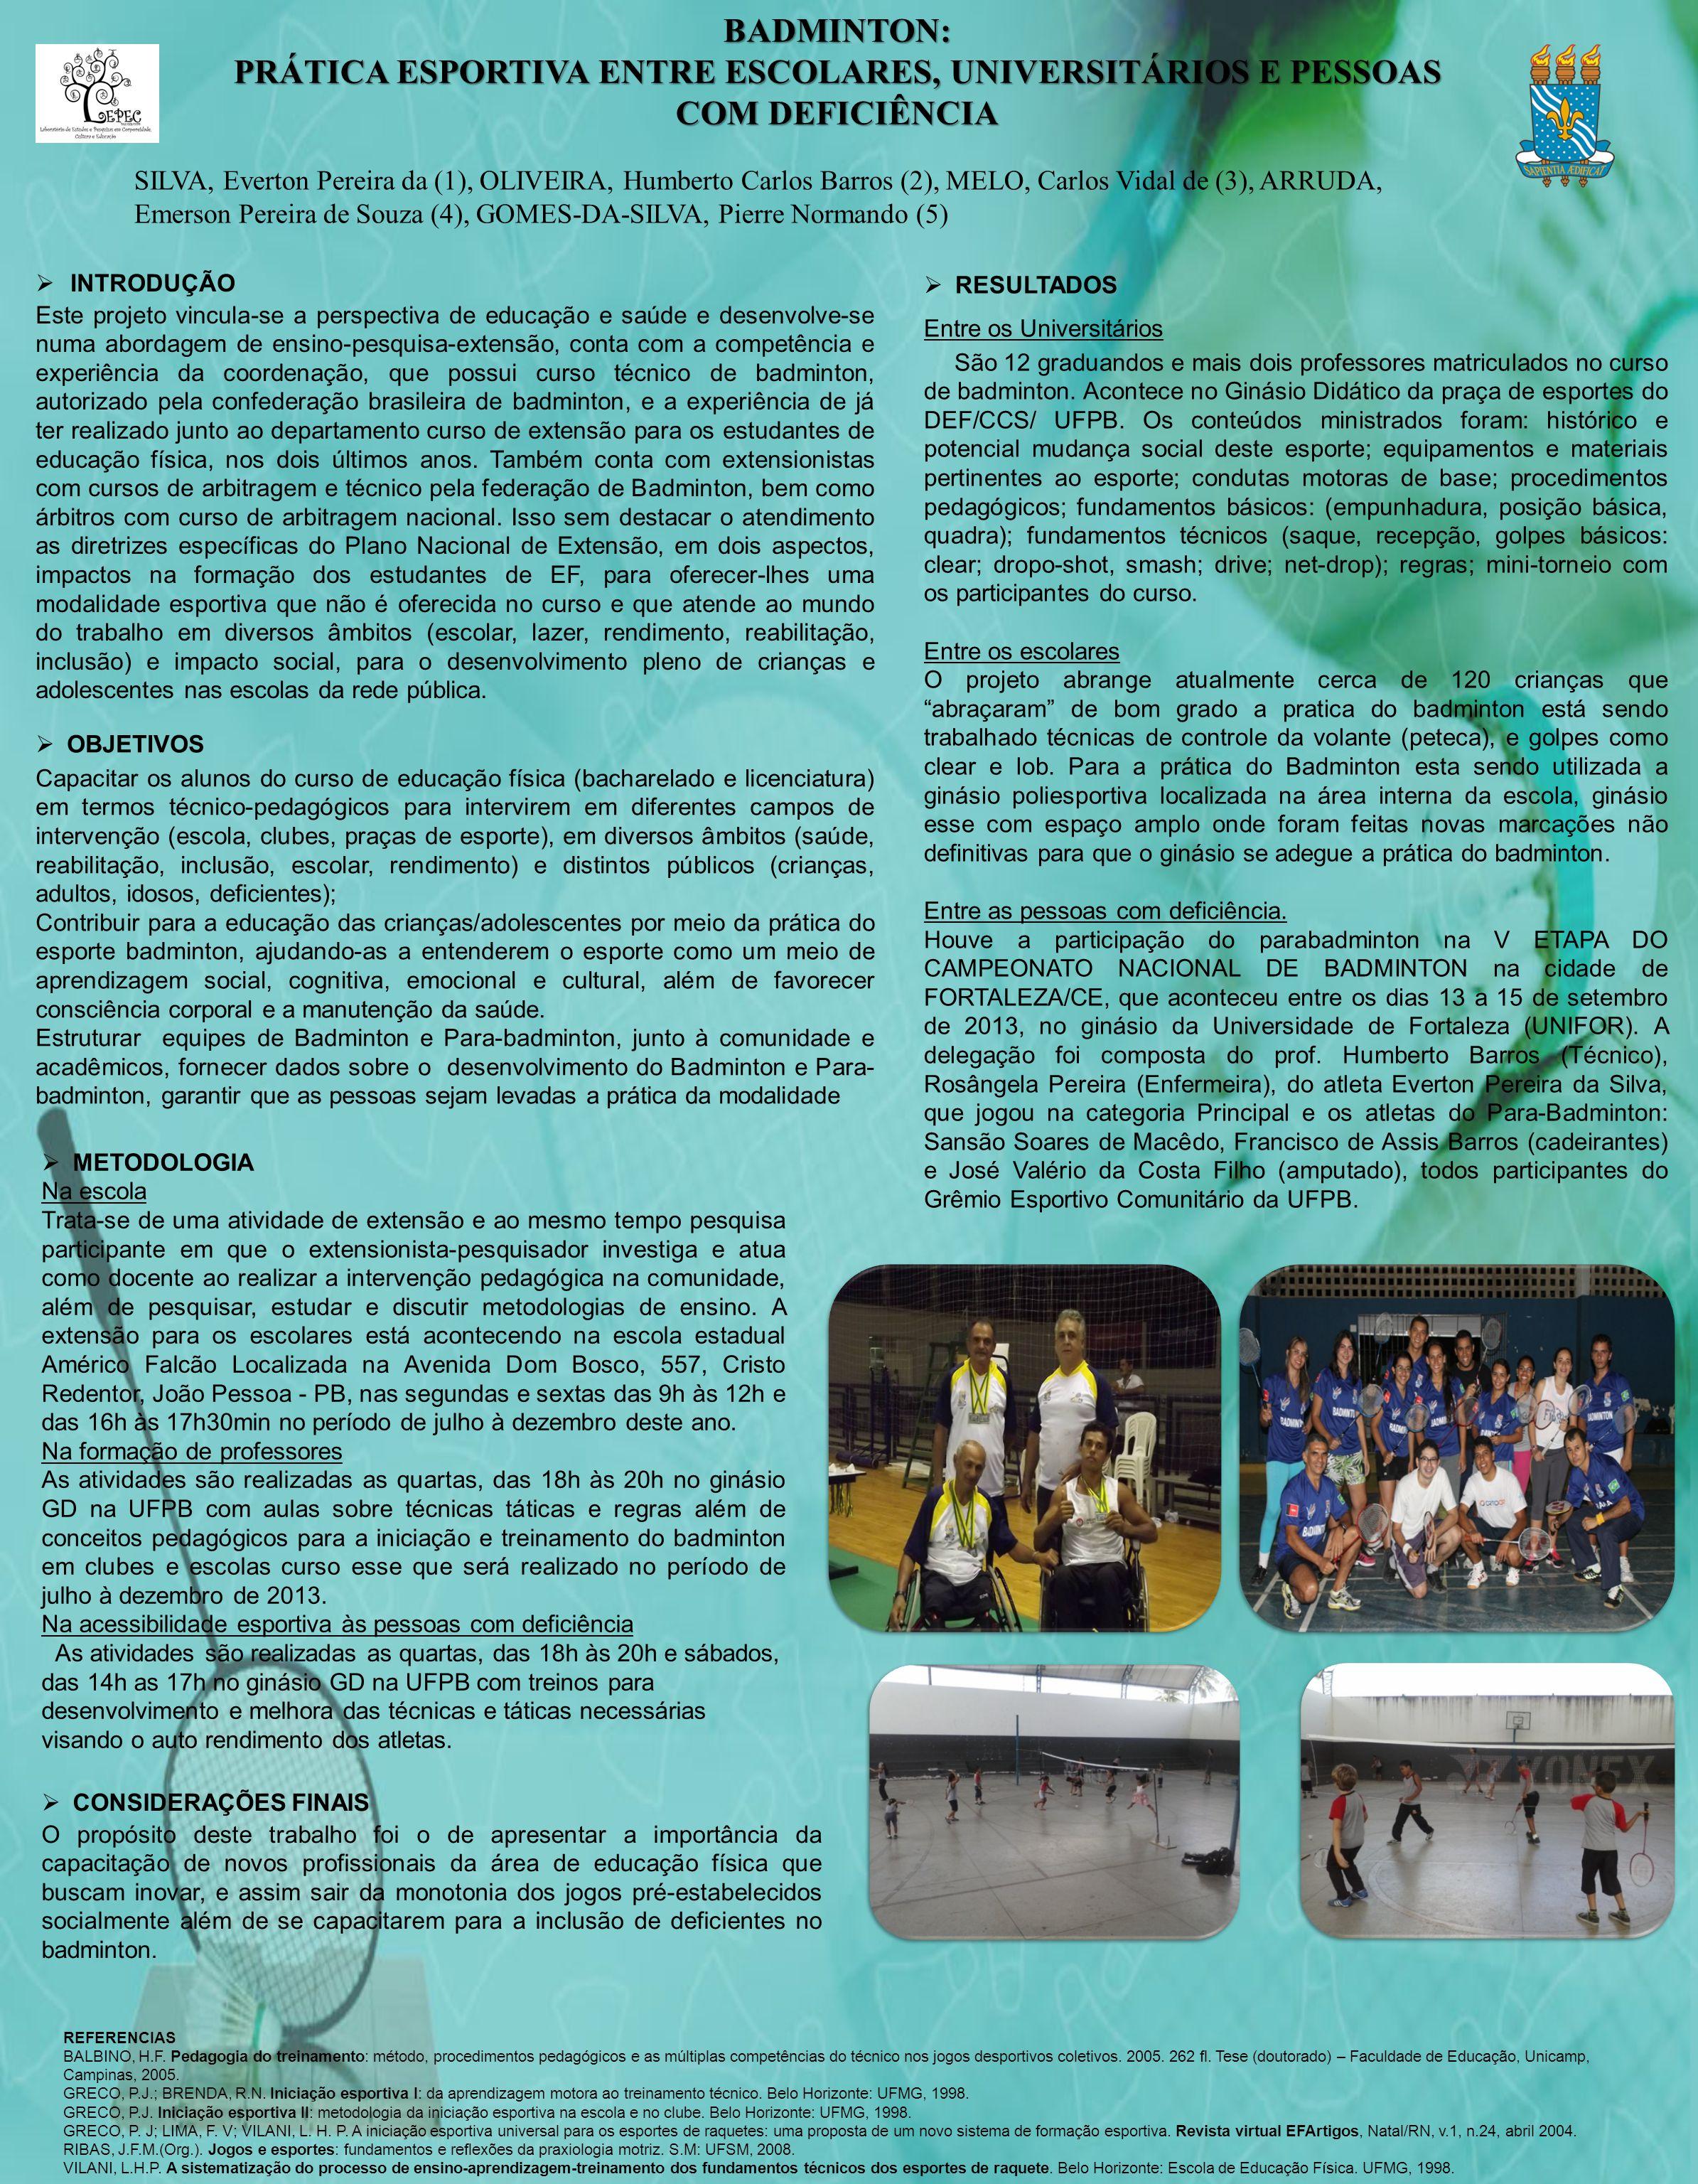 BADMINTON: PRÁTICA ESPORTIVA ENTRE ESCOLARES, UNIVERSITÁRIOS E PESSOAS COM DEFICIÊNCIA SILVA, Everton Pereira da (1), OLIVEIRA, Humberto Carlos Barros (2), MELO, Carlos Vidal de (3), ARRUDA, Emerson Pereira de Souza (4), GOMES-DA-SILVA, Pierre Normando (5)  INTRODUÇÃO Este projeto vincula-se a perspectiva de educação e saúde e desenvolve-se numa abordagem de ensino-pesquisa-extensão, conta com a competência e experiência da coordenação, que possui curso técnico de badminton, autorizado pela confederação brasileira de badminton, e a experiência de já ter realizado junto ao departamento curso de extensão para os estudantes de educação física, nos dois últimos anos.